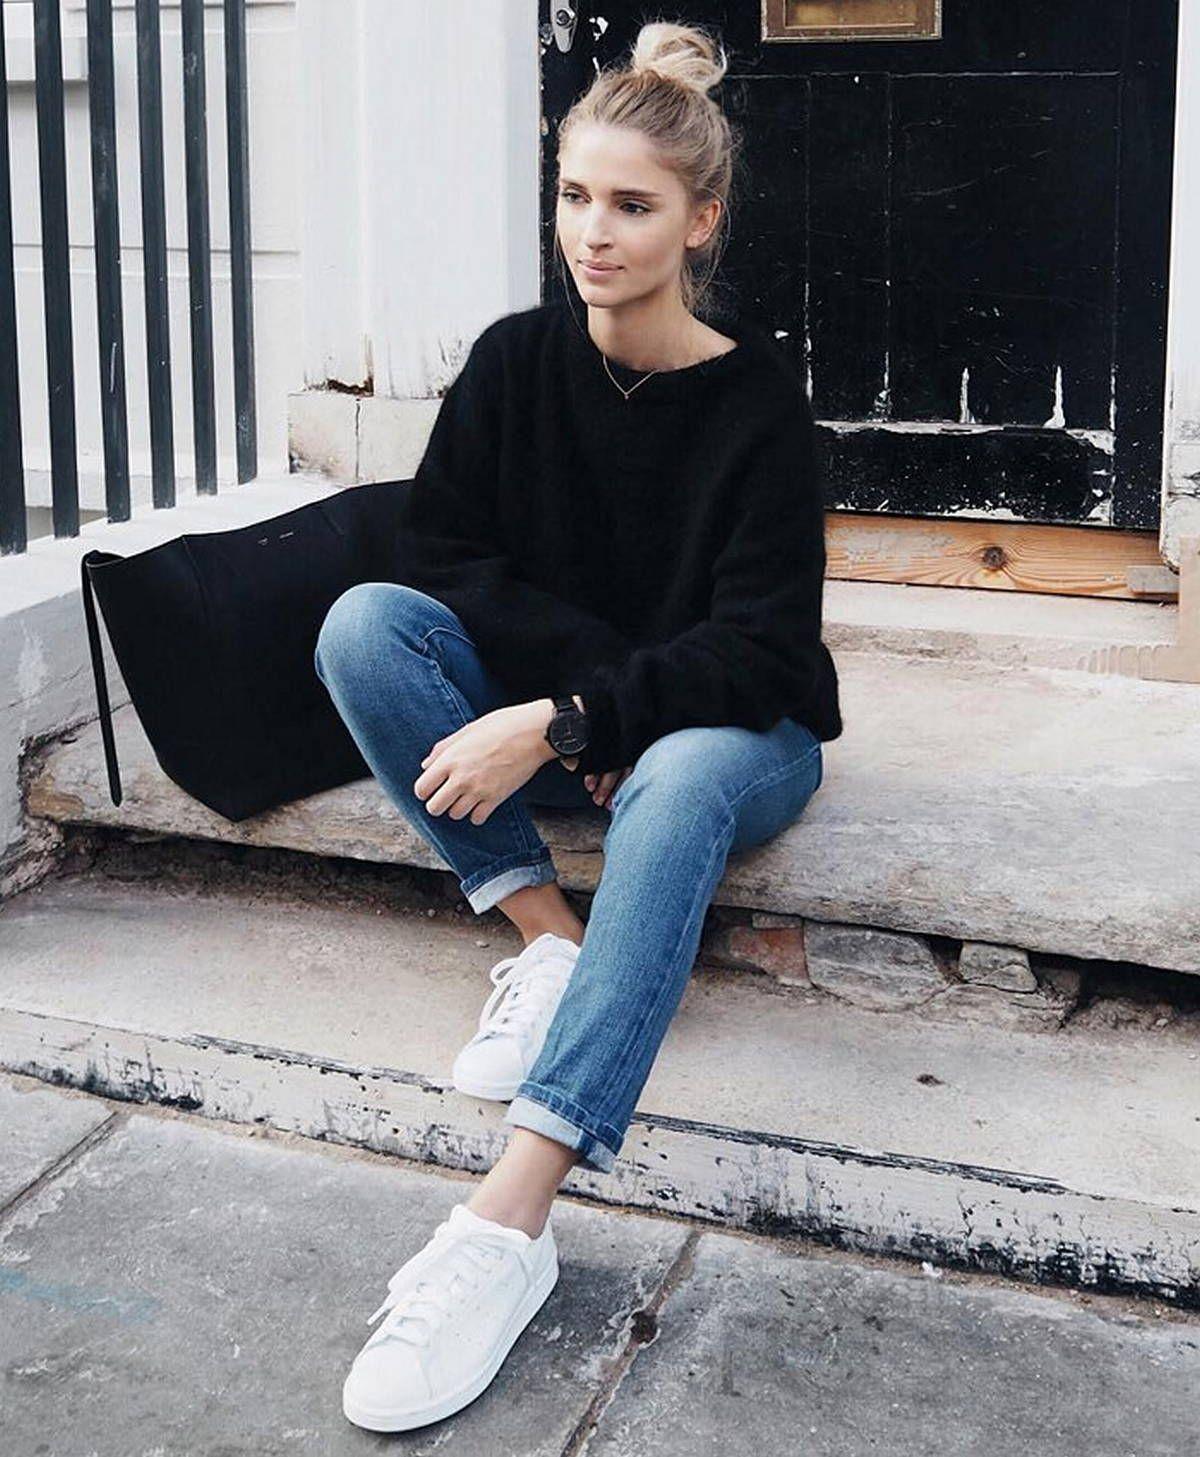 112 Women's White Sneakers Outfit Idea | Fashion, White